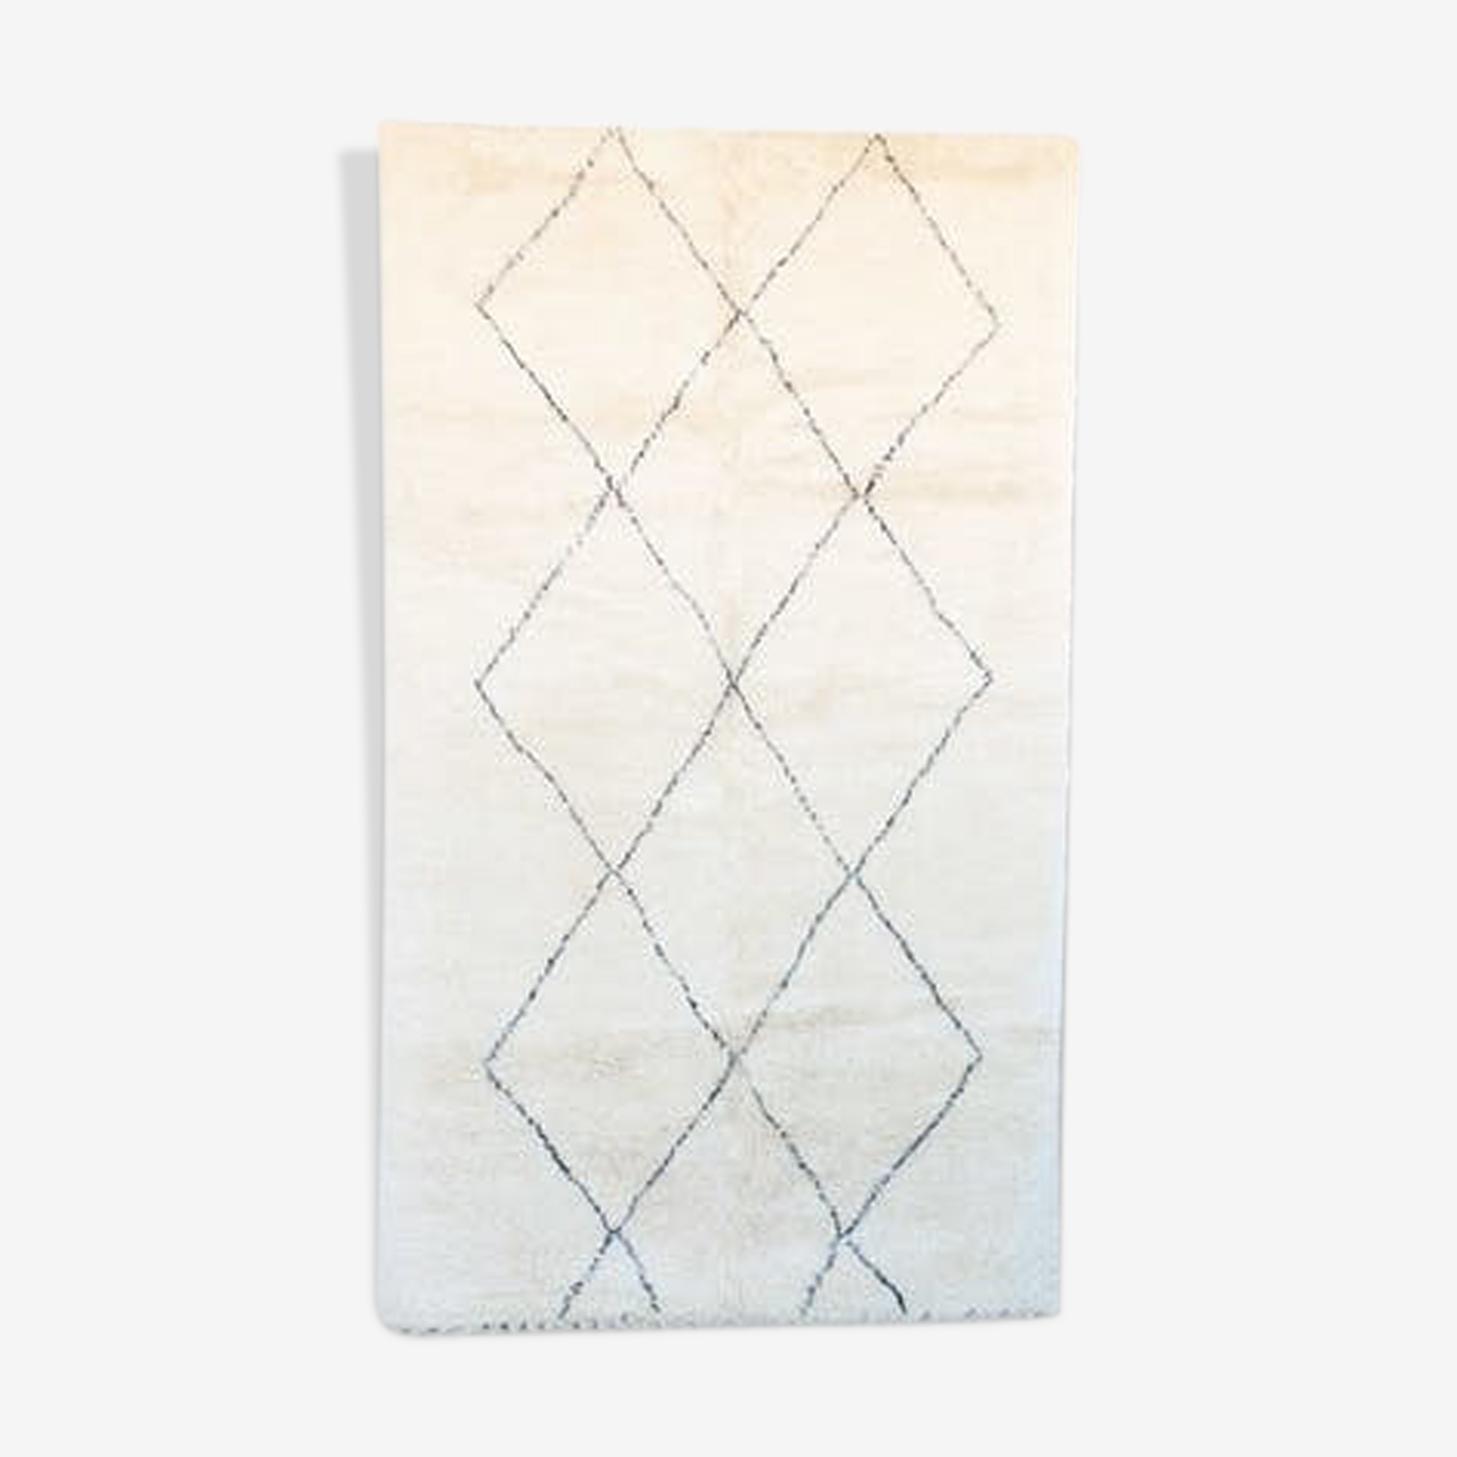 Tapis berbere laine 160x260cm